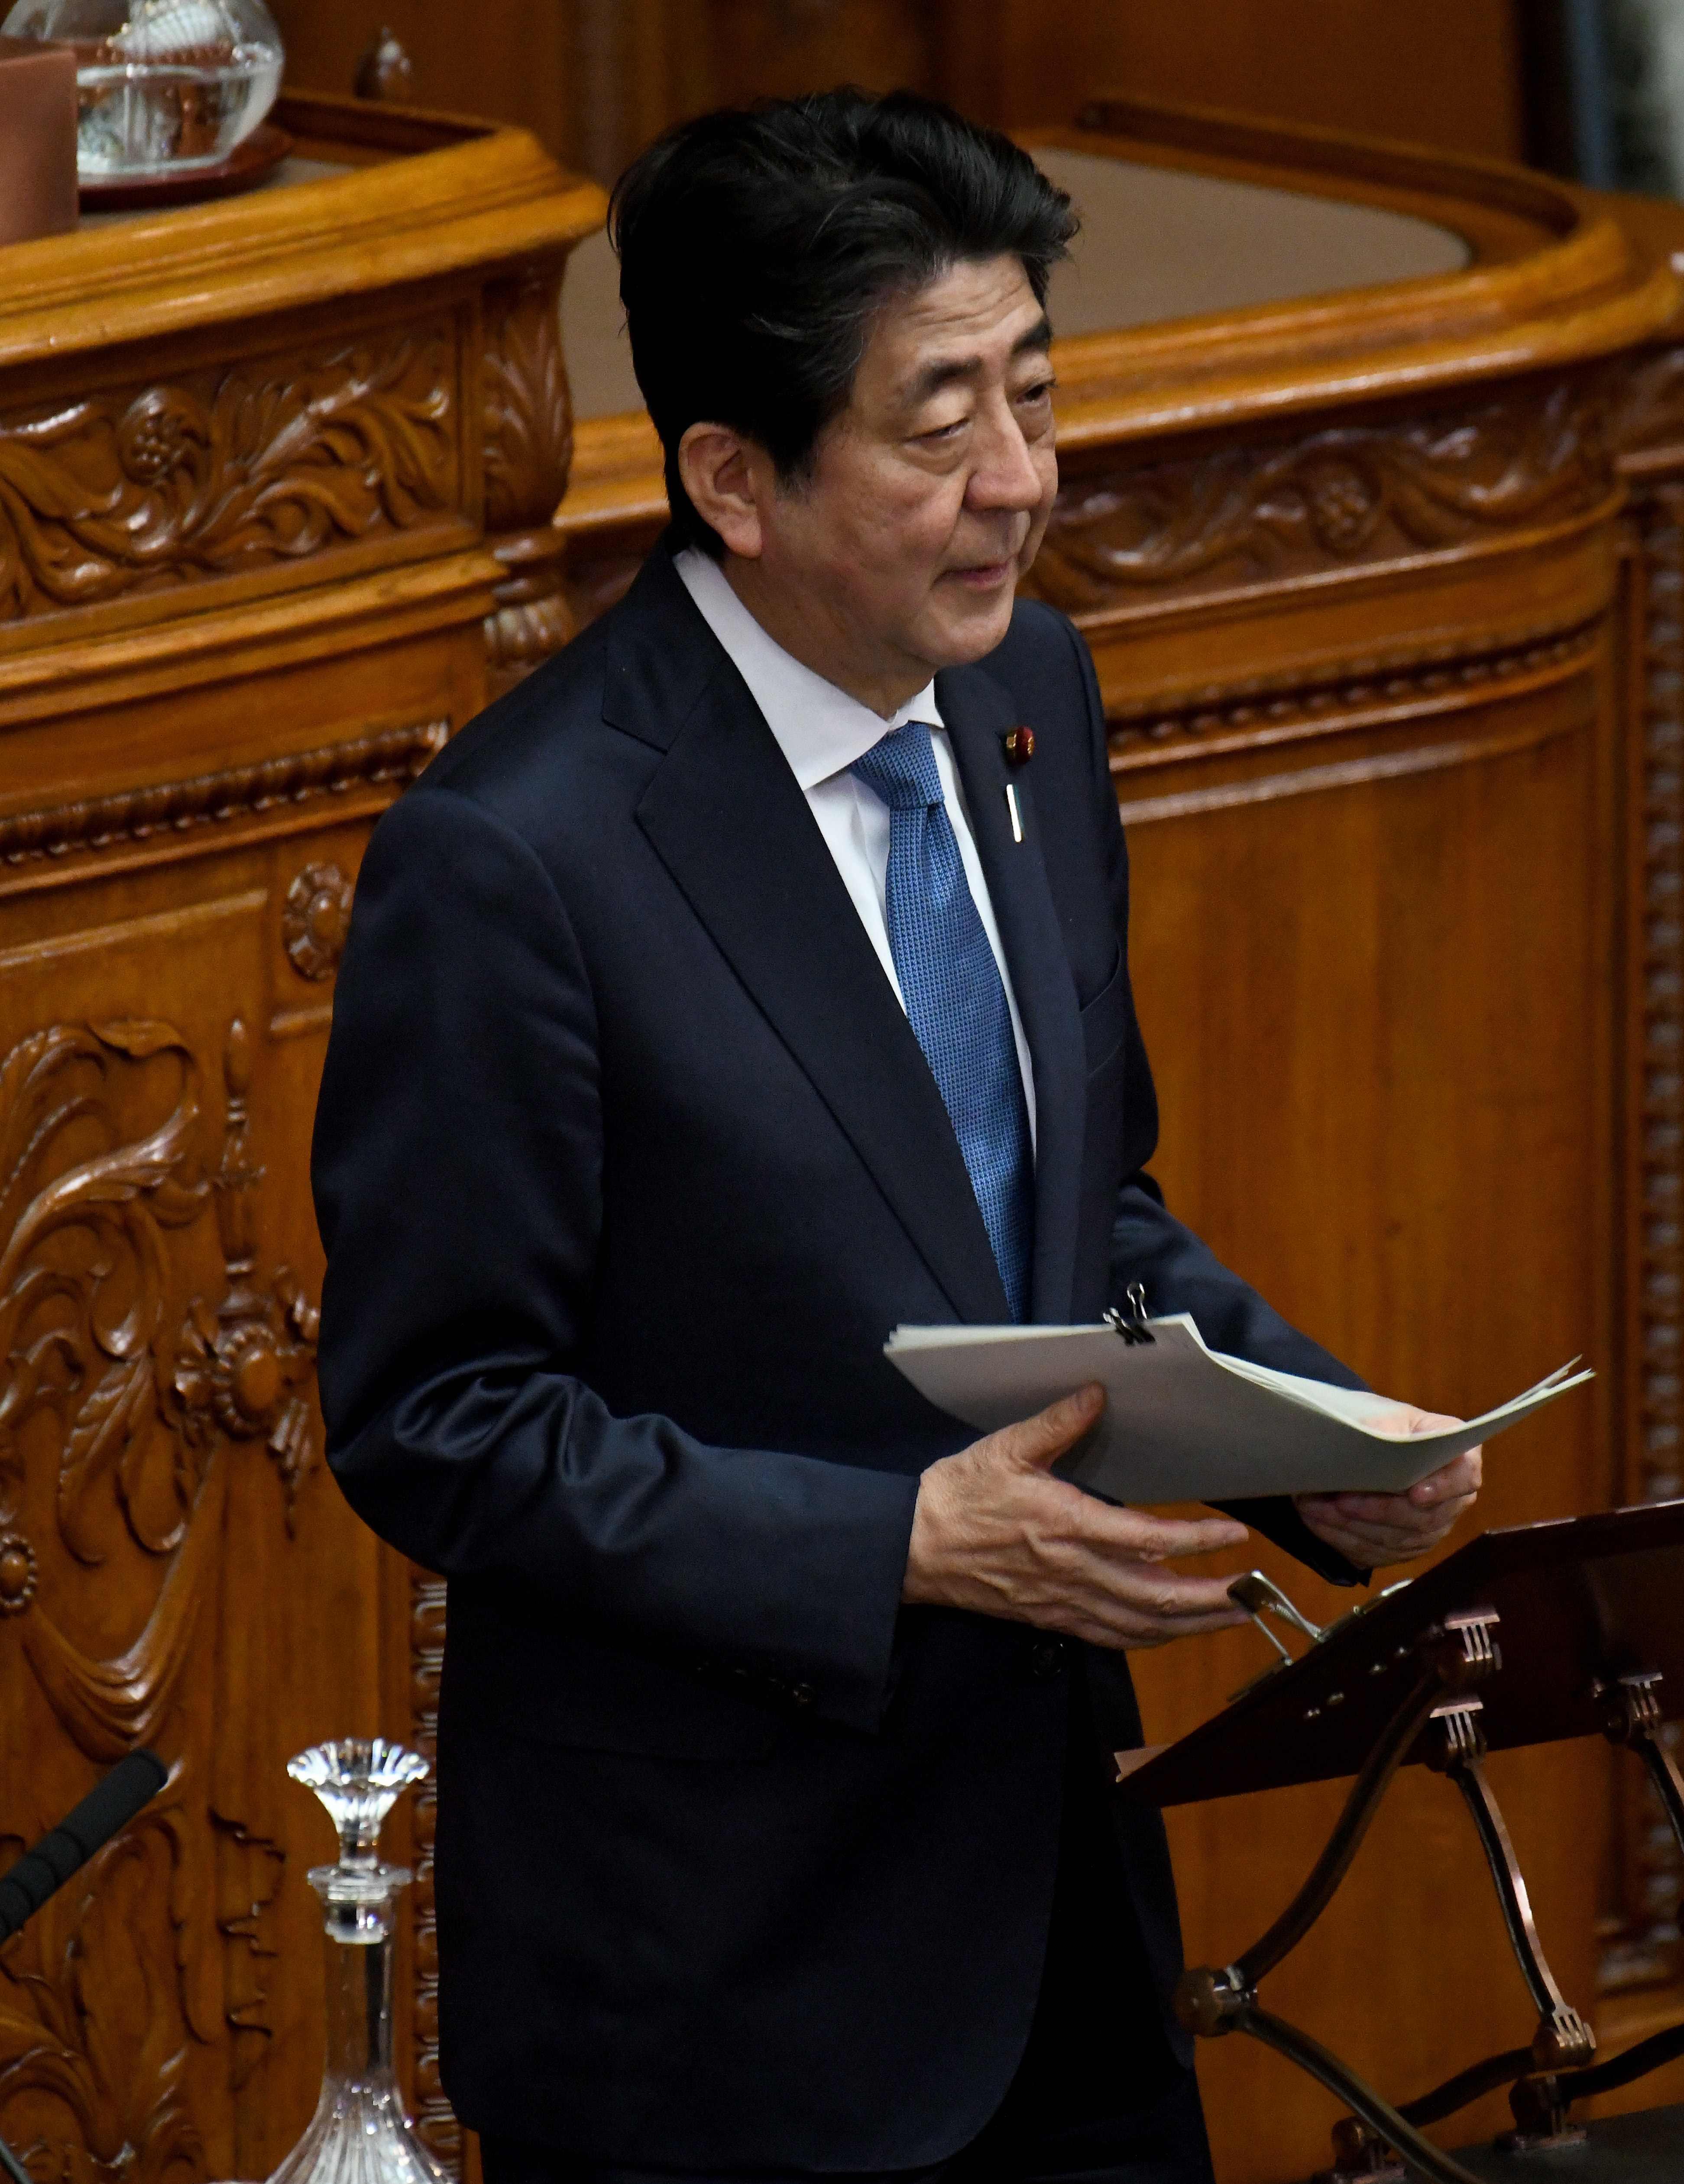 رئيس الوزراء اليابانى اليوم فى كلمة له